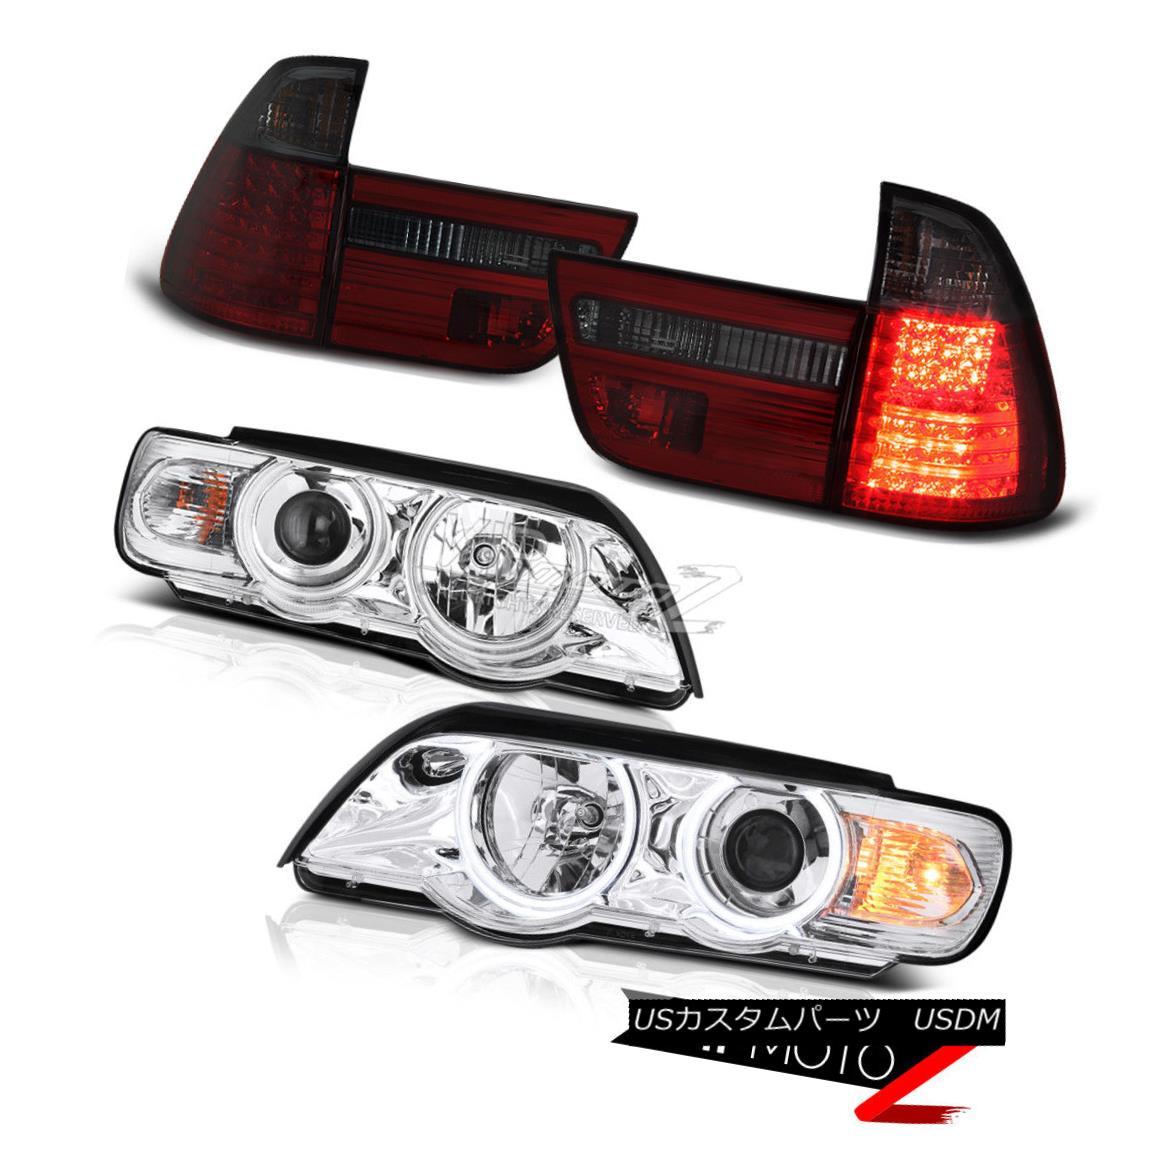 ヘッドライト BMW E53 X5 01-03 Chrome Halo Projector LED Headlight+Smoke/Red Tail Light Lamp BMW E53 X5 01-03クロームハロープロジェクターLEDヘッドライト+スモーク e /レッドテールライトランプ